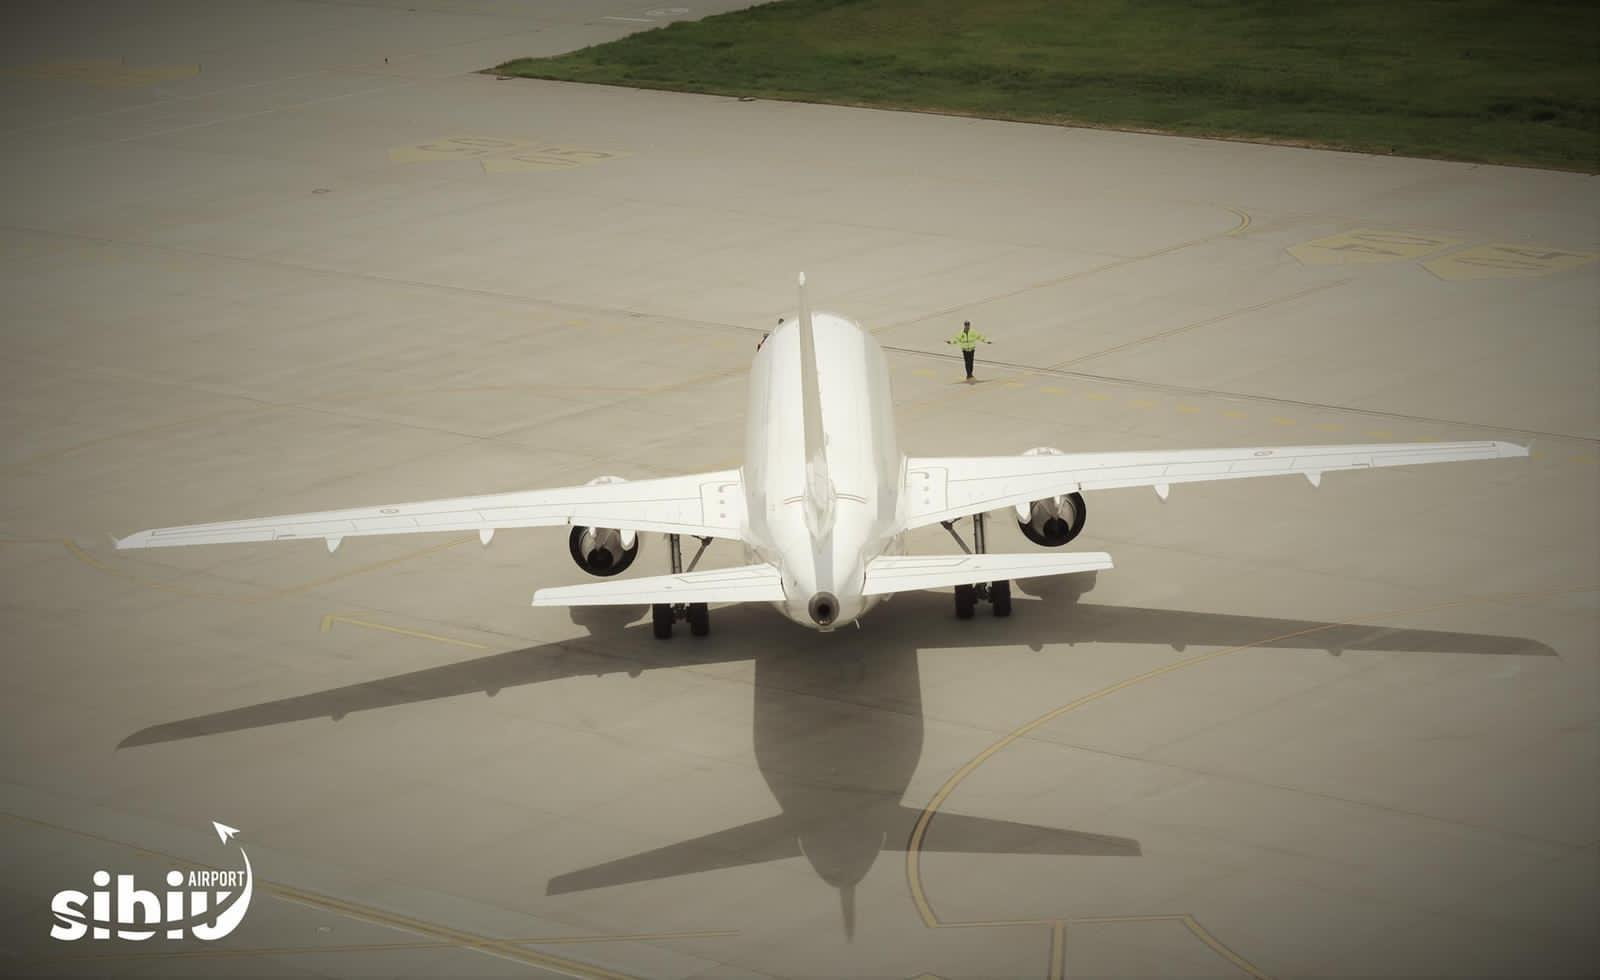 1,7 milioane de euro acordați de Consiliul Județean Sibiu companiilor aeriene care operează pe Aeroportul Internațional Sibiu - schema de ajutor de stat aprobată de Comisia Europeană